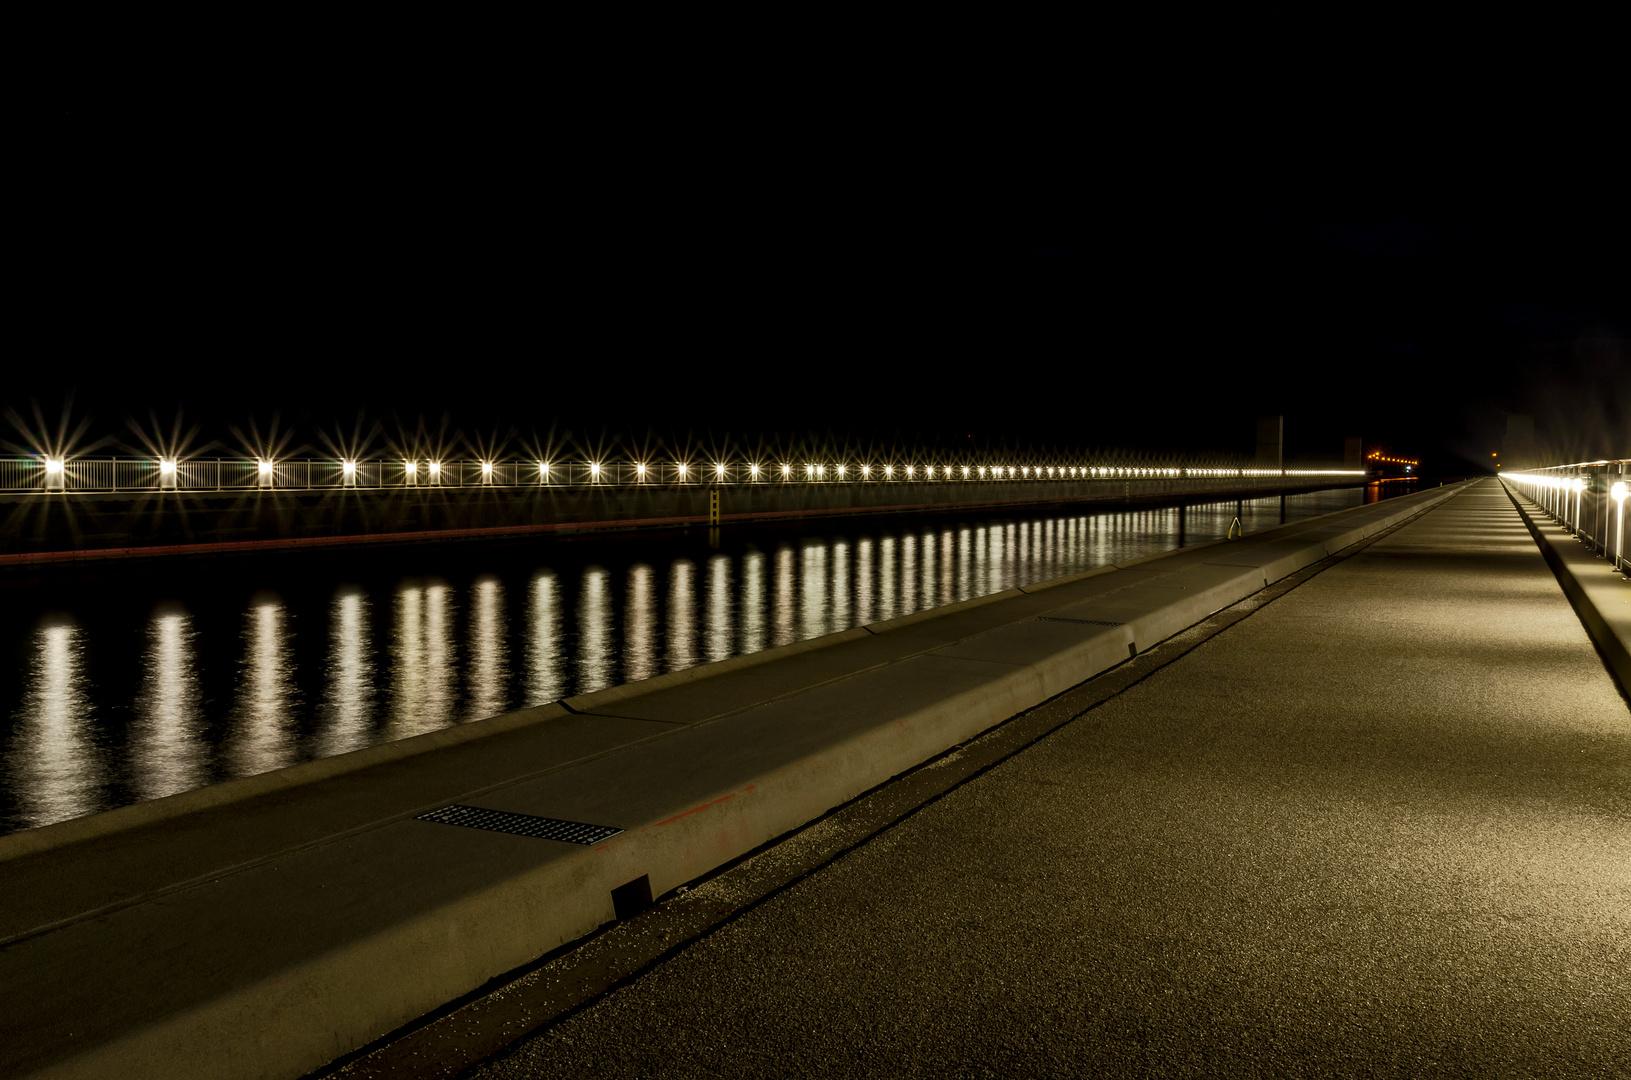 Nachts auf der Trogbrücke